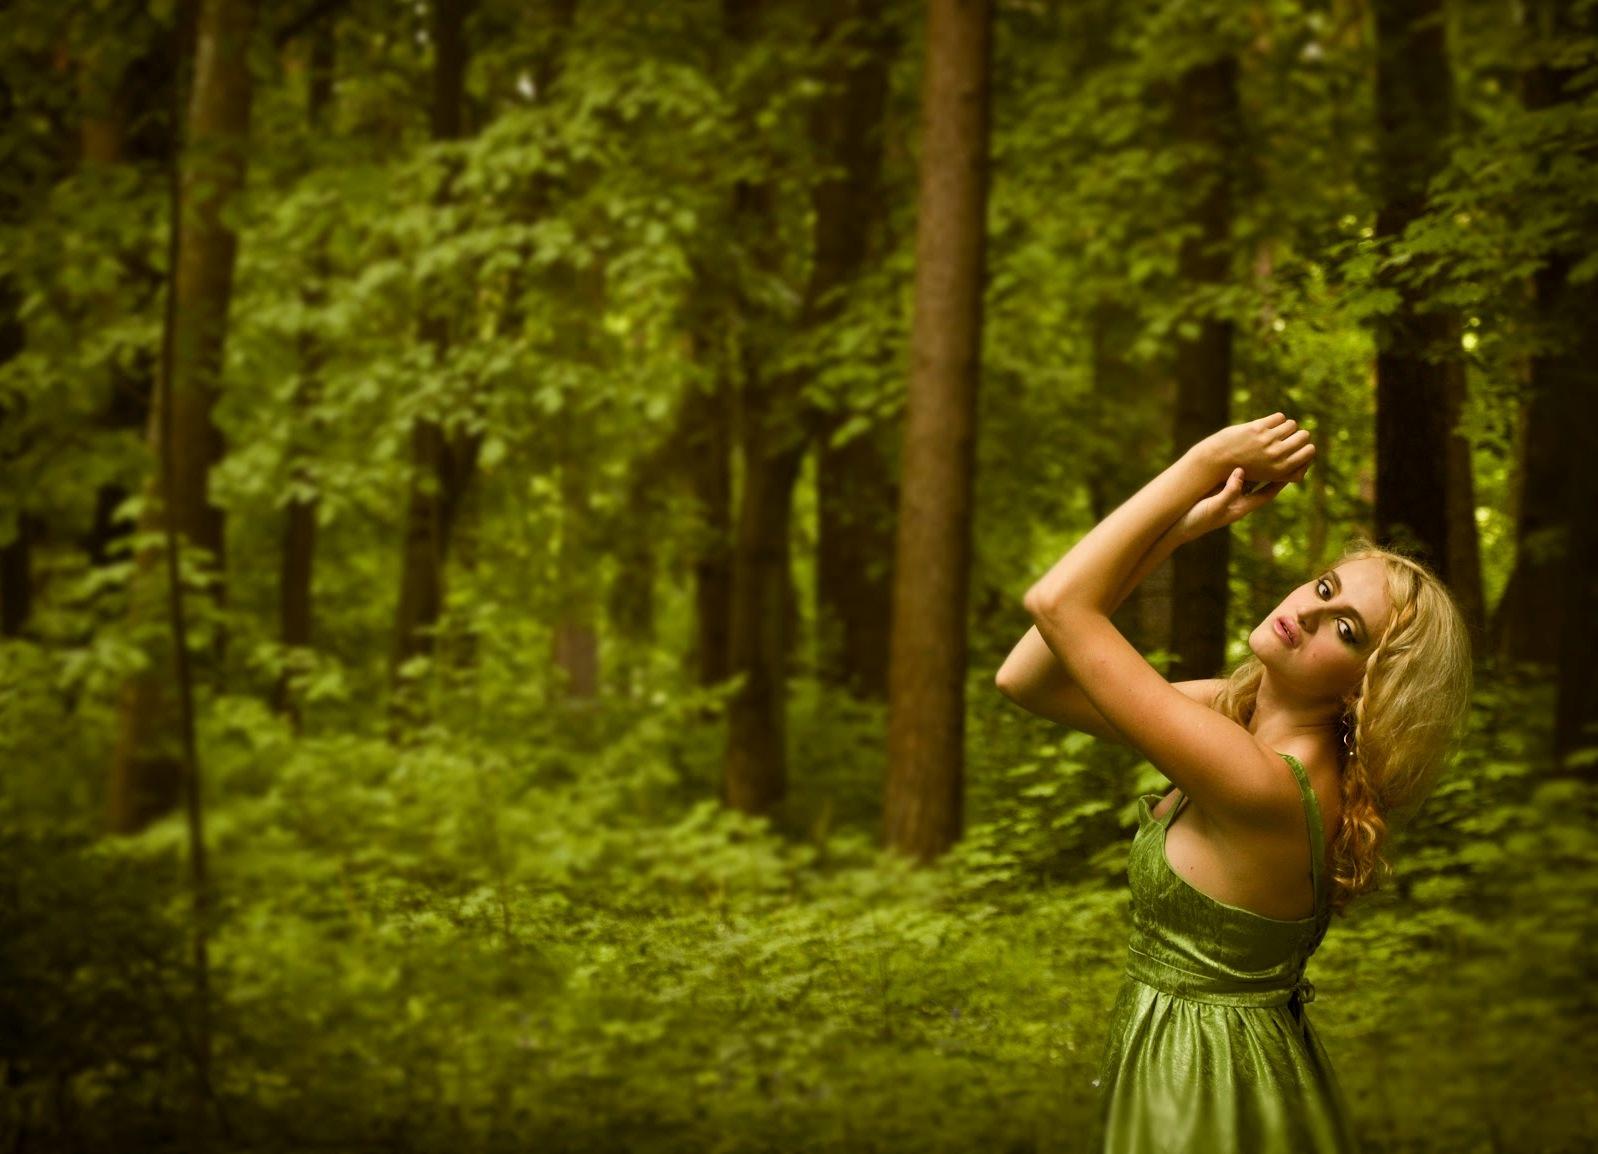 имени как фотографировать в лесу днем отметить, что мужчин